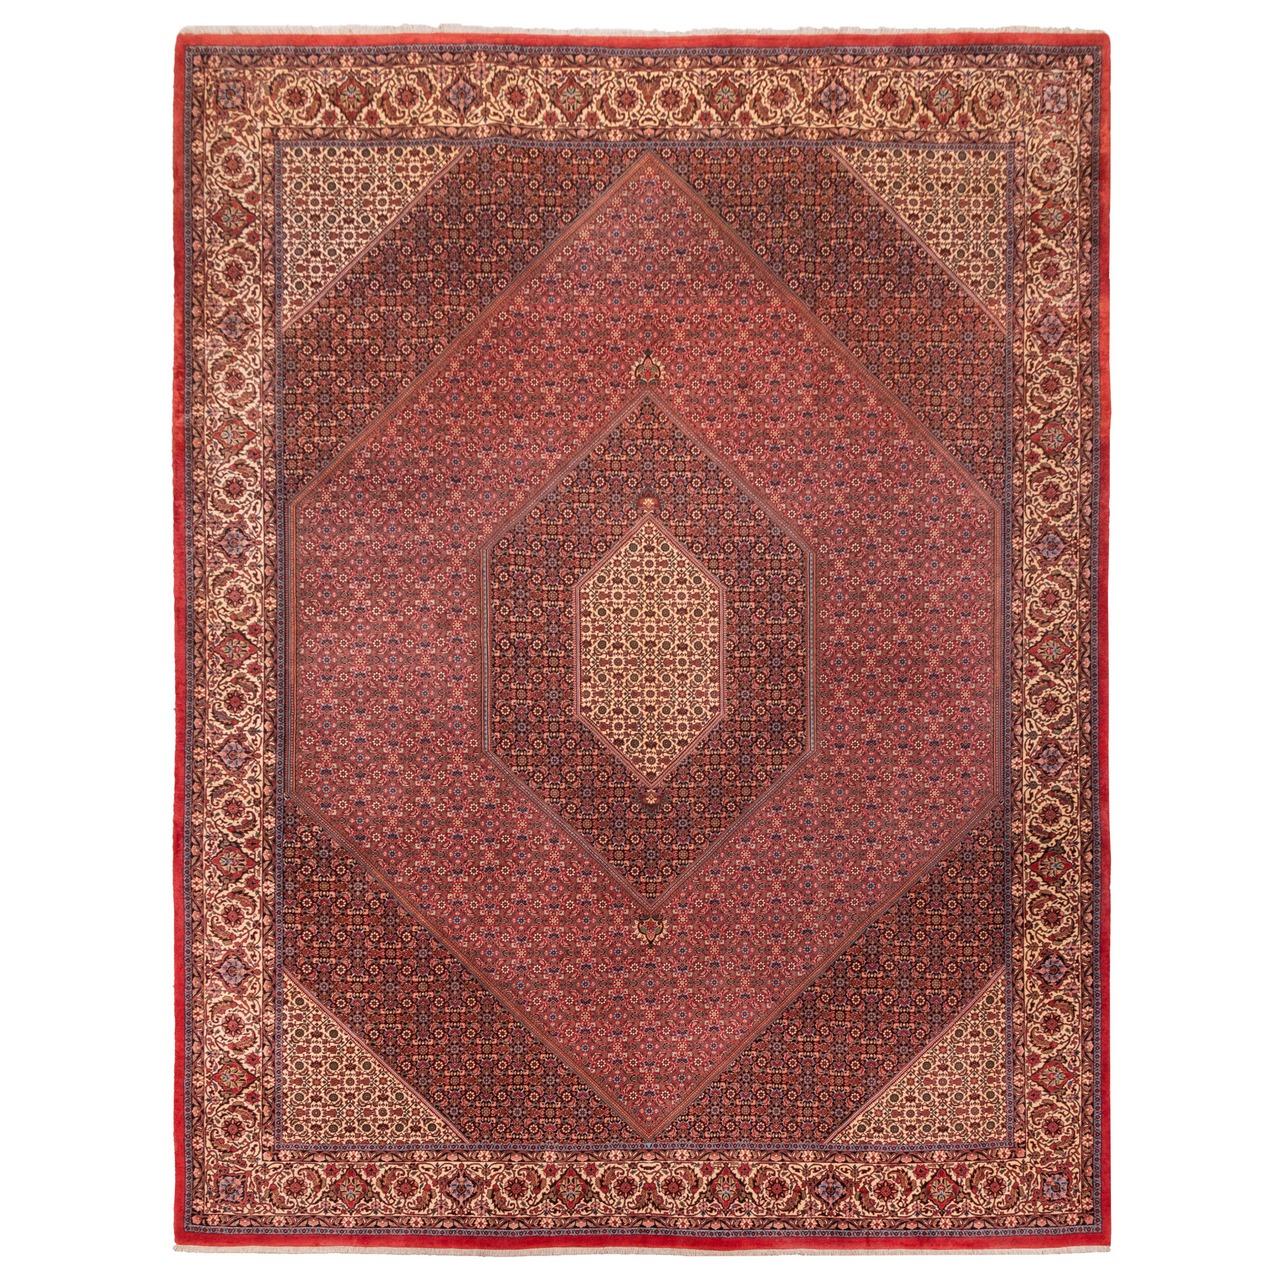 فرش دستباف دوازده متری سی پرشیا کد 187113